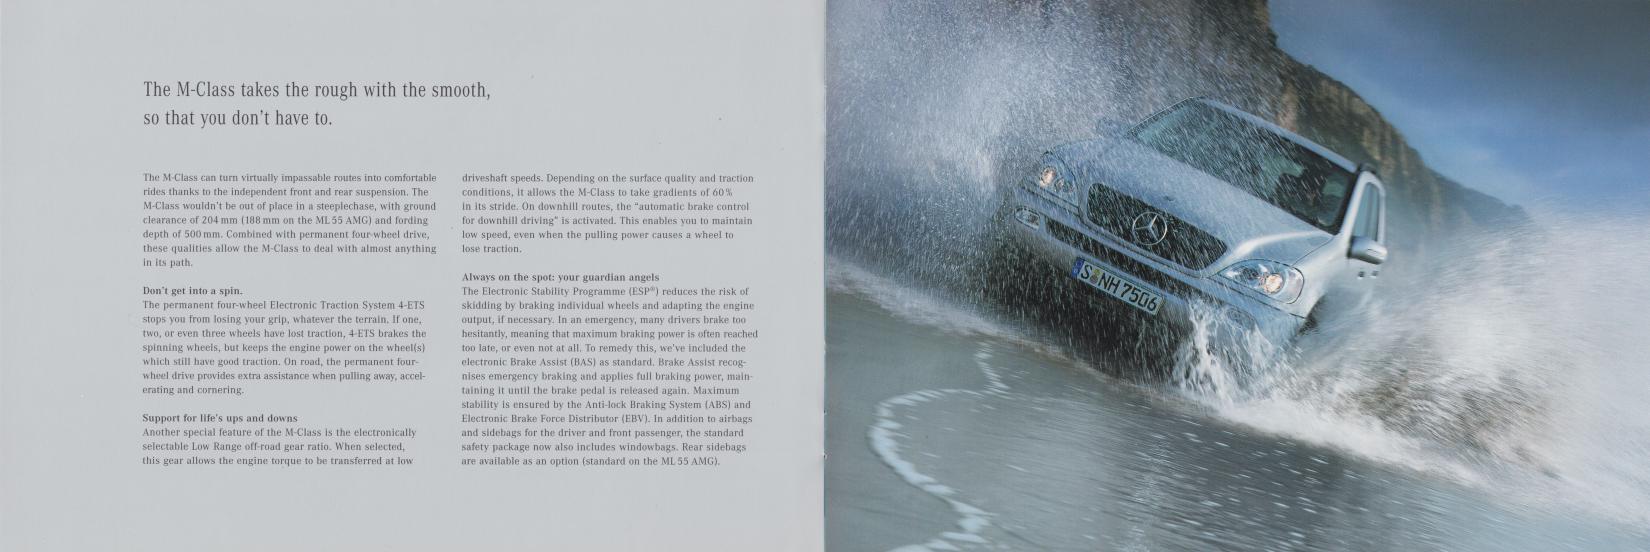 (W163): Catálogo 2001 (2) - inglês 006